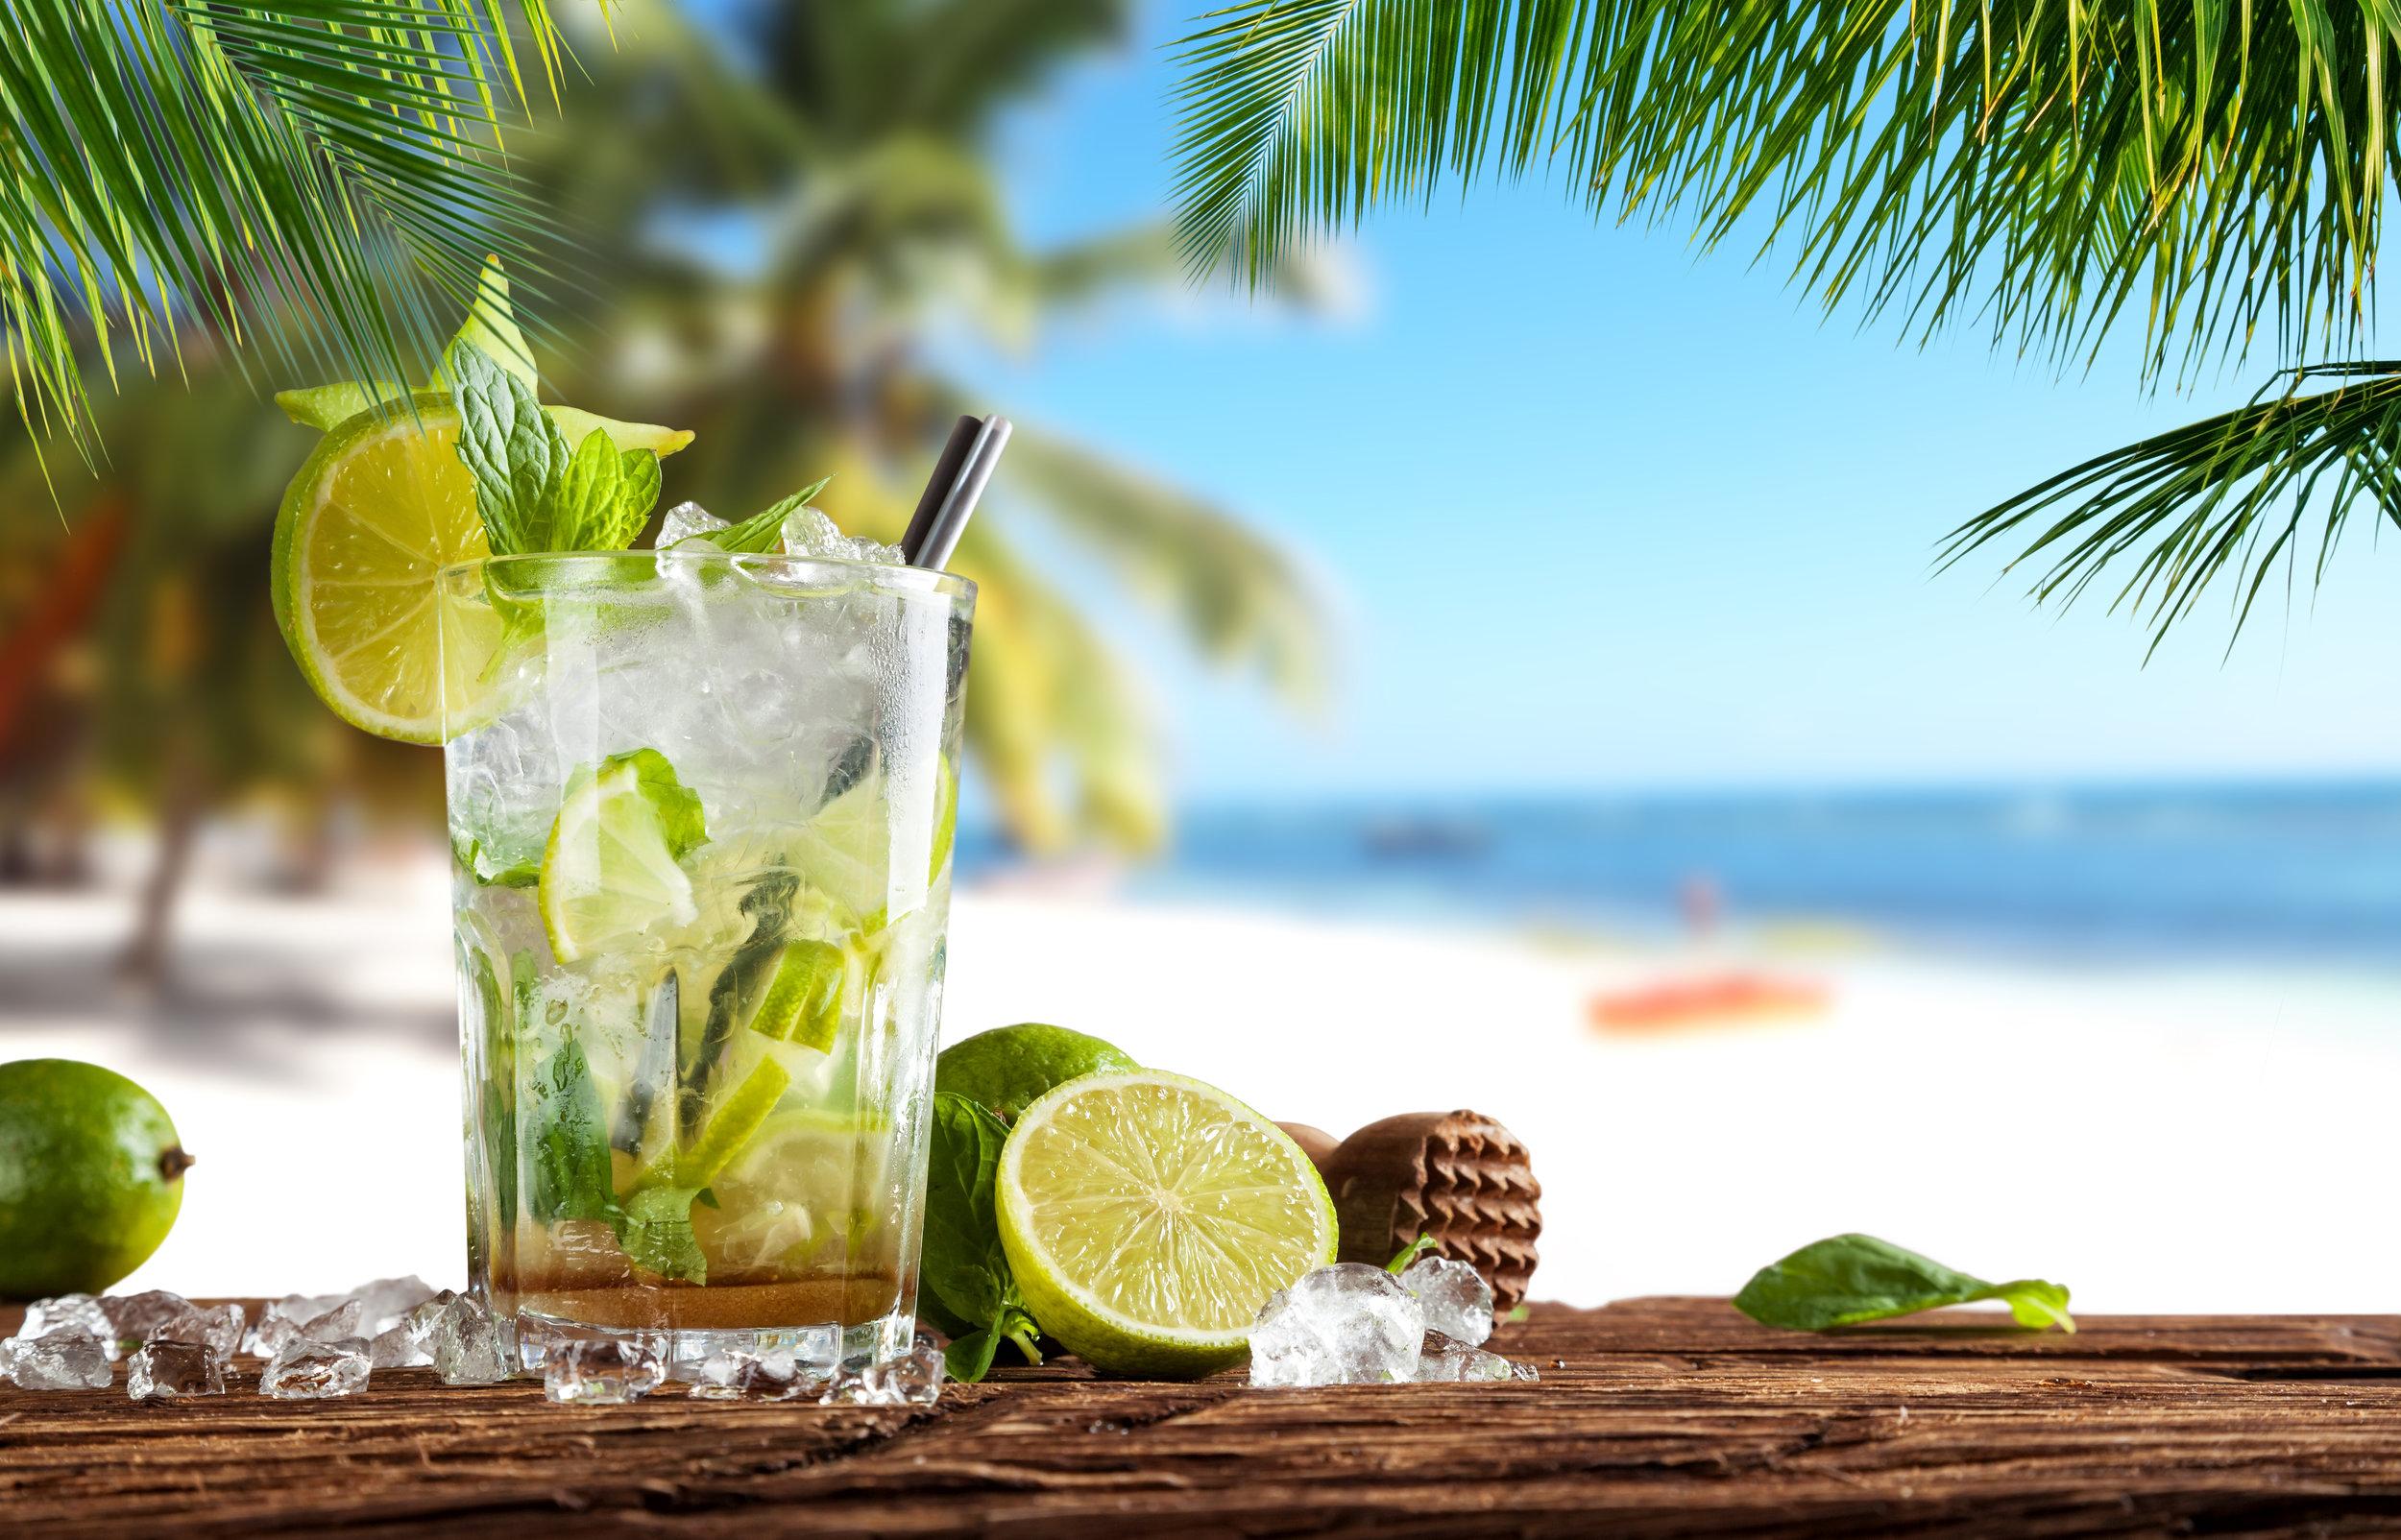 shutterstock_432153001.jpg - Summer cocktail with blur beach on background.jpg